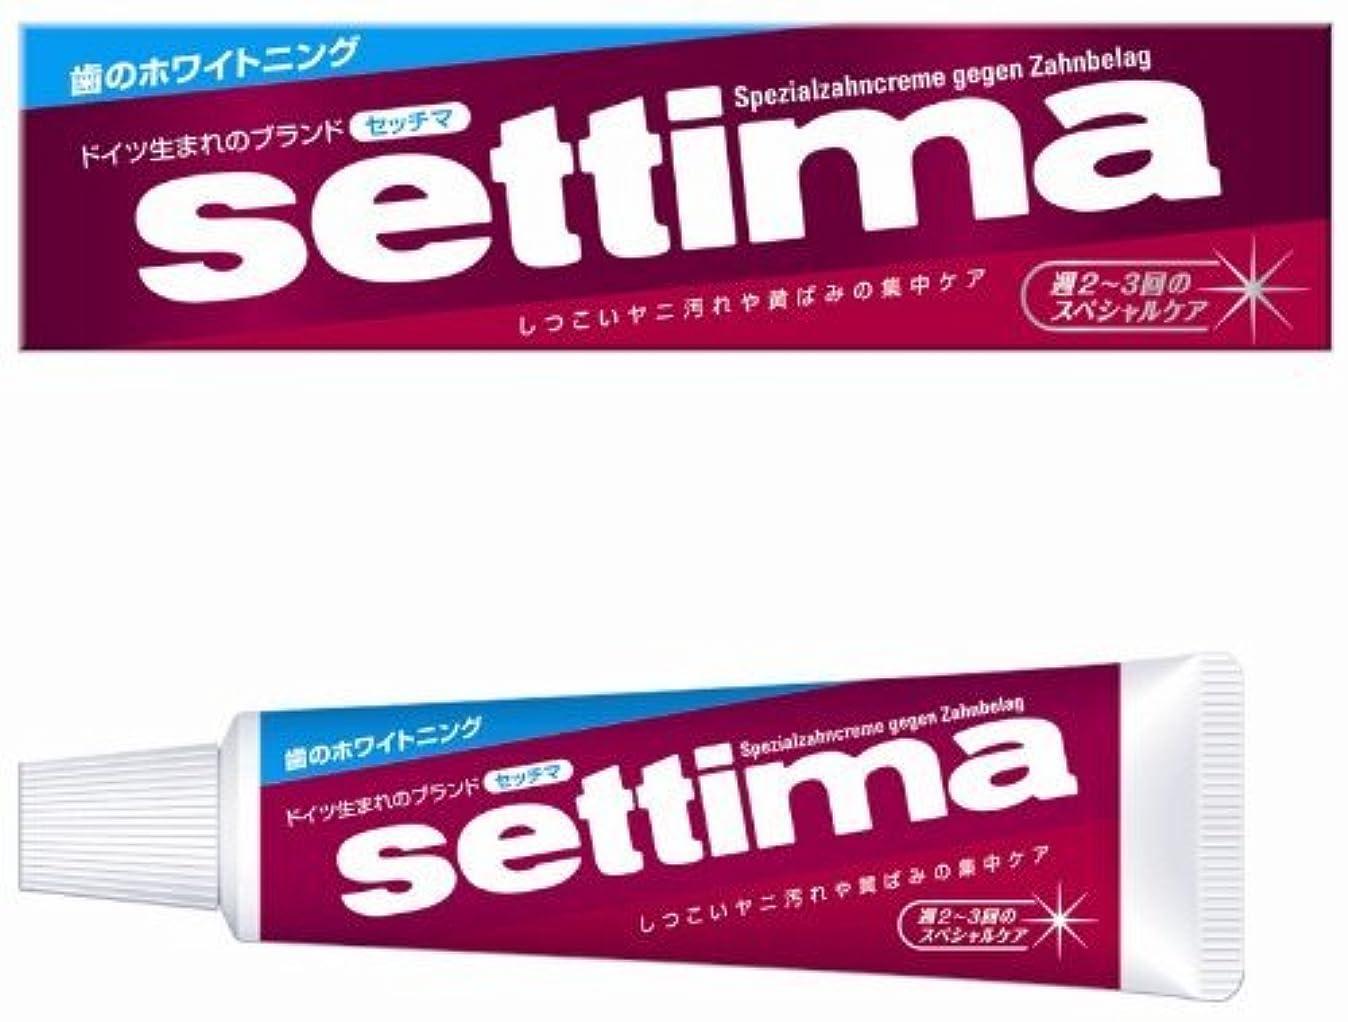 ひまわり増幅地下鉄settima(セッチマ) はみがき スペシャル (箱タイプ) 40g